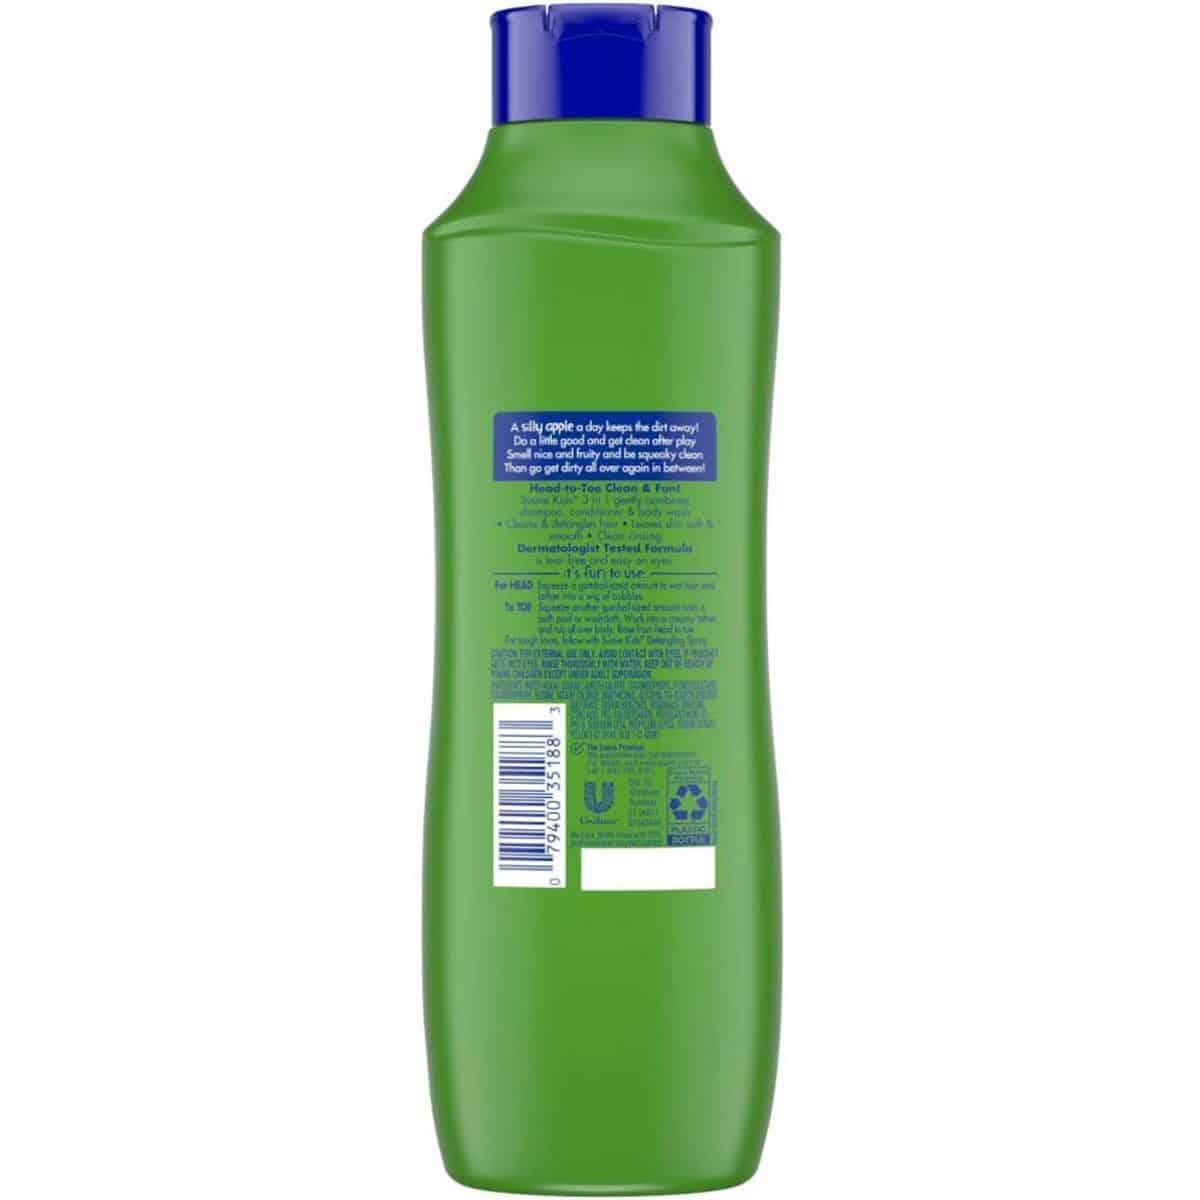 9f5e6444d9c7 Suave Kids Apple 3 in 1 Shampoo + Conditioner + Body Wash, 665 ml